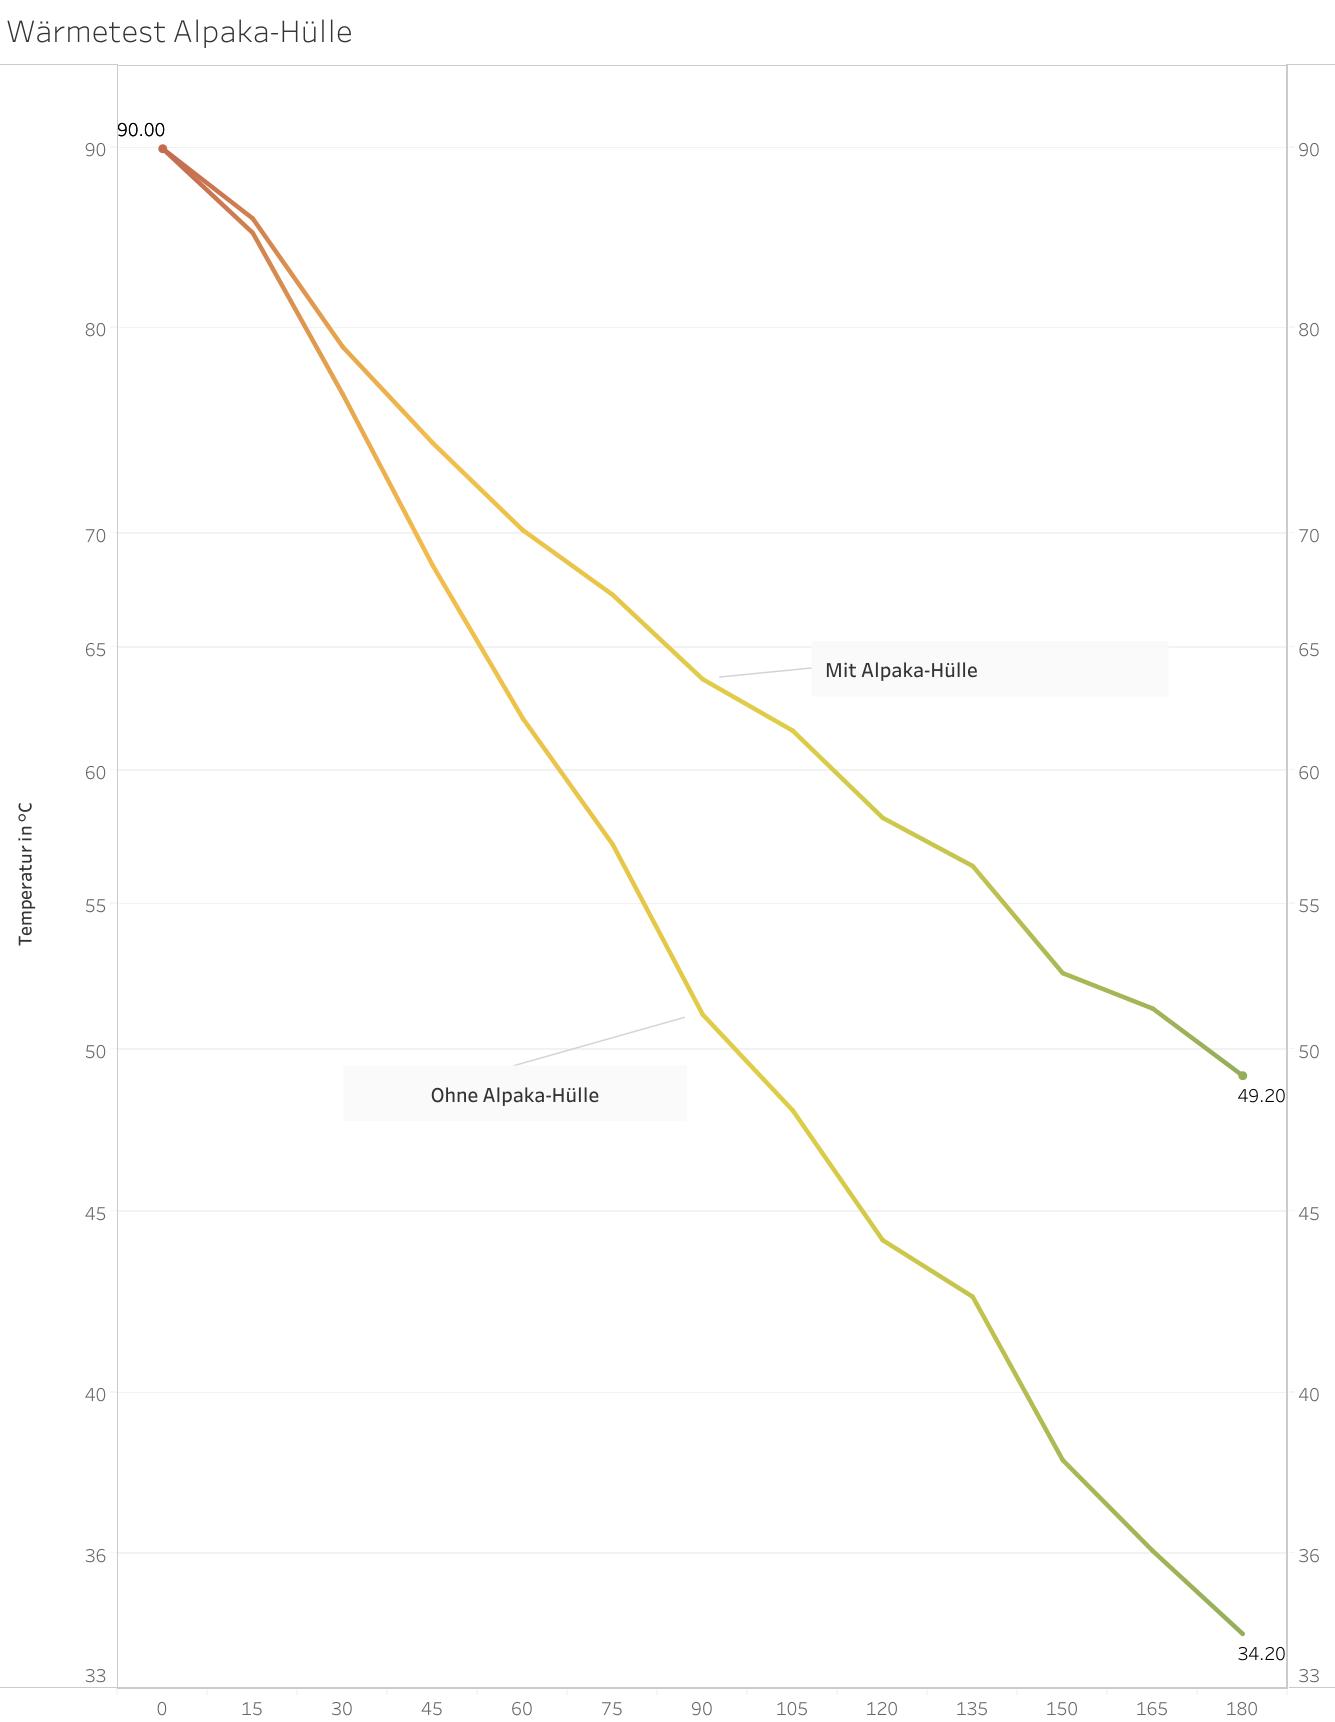 Wärmetest-Diagramm-Alpaka-Hülle